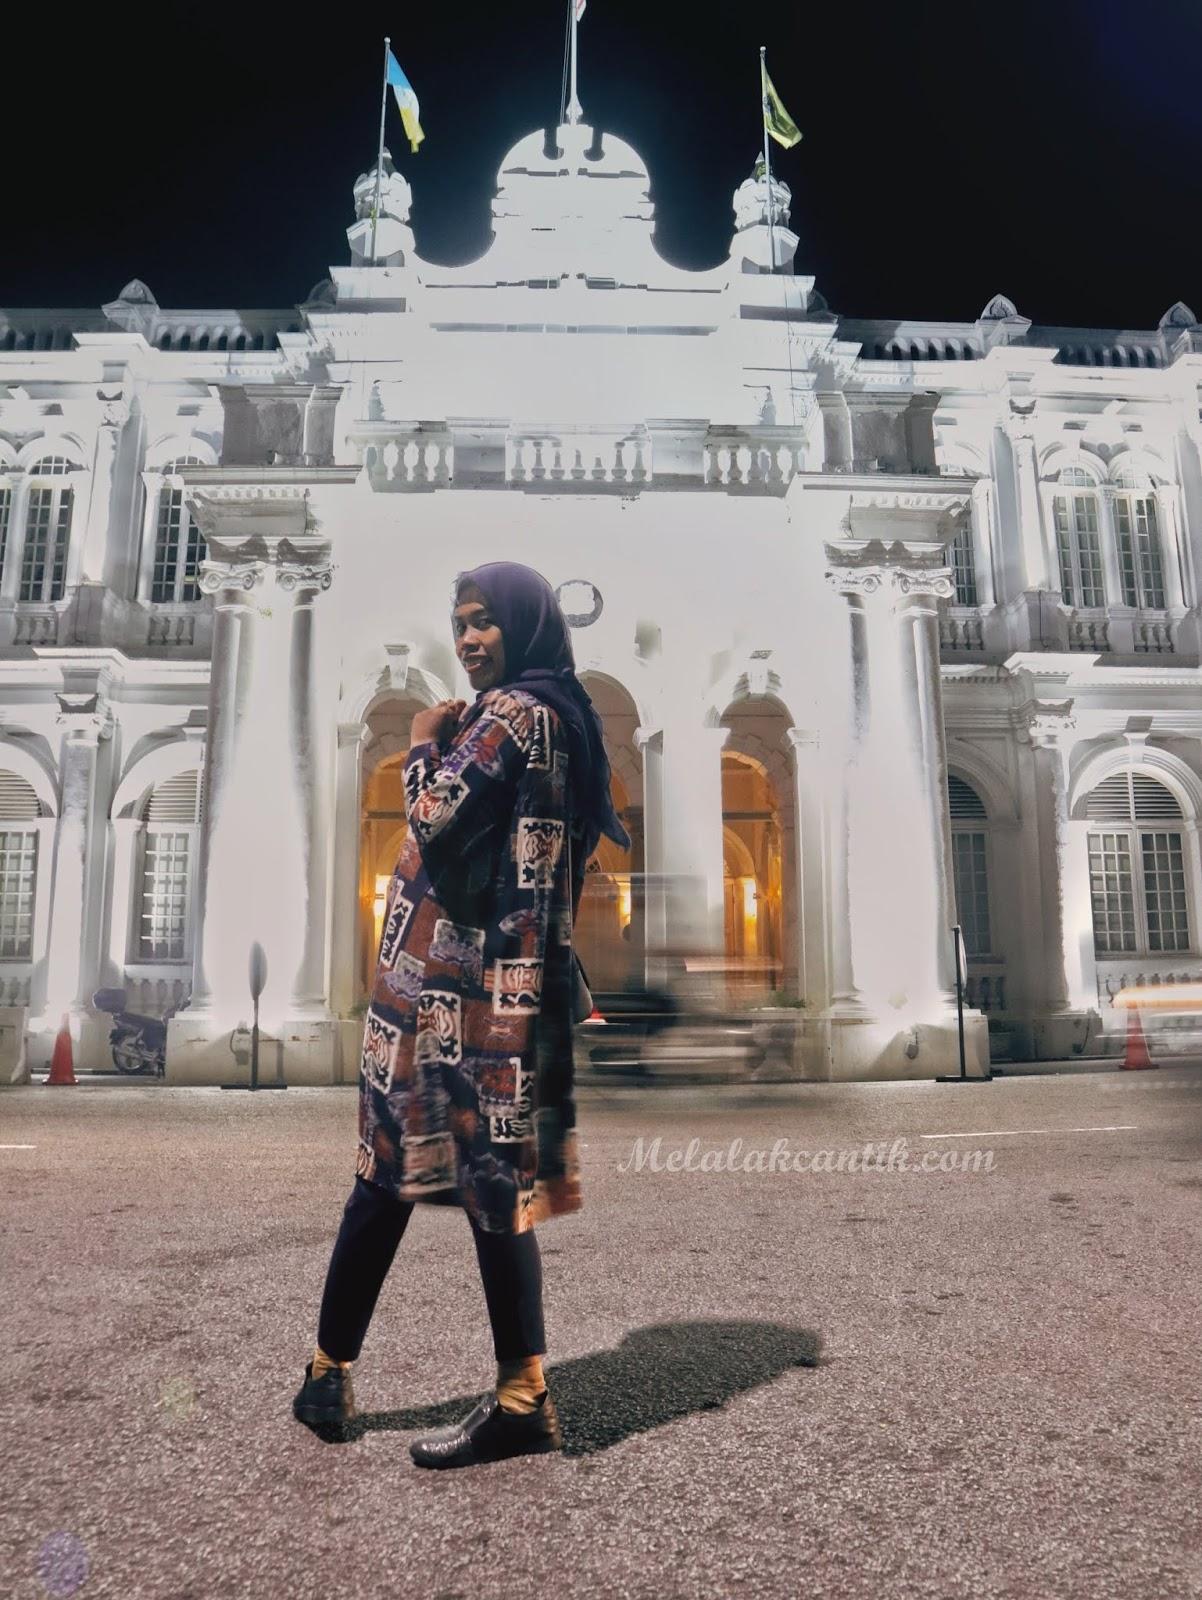 Padang kota lama esplanade Penang,Malaysia